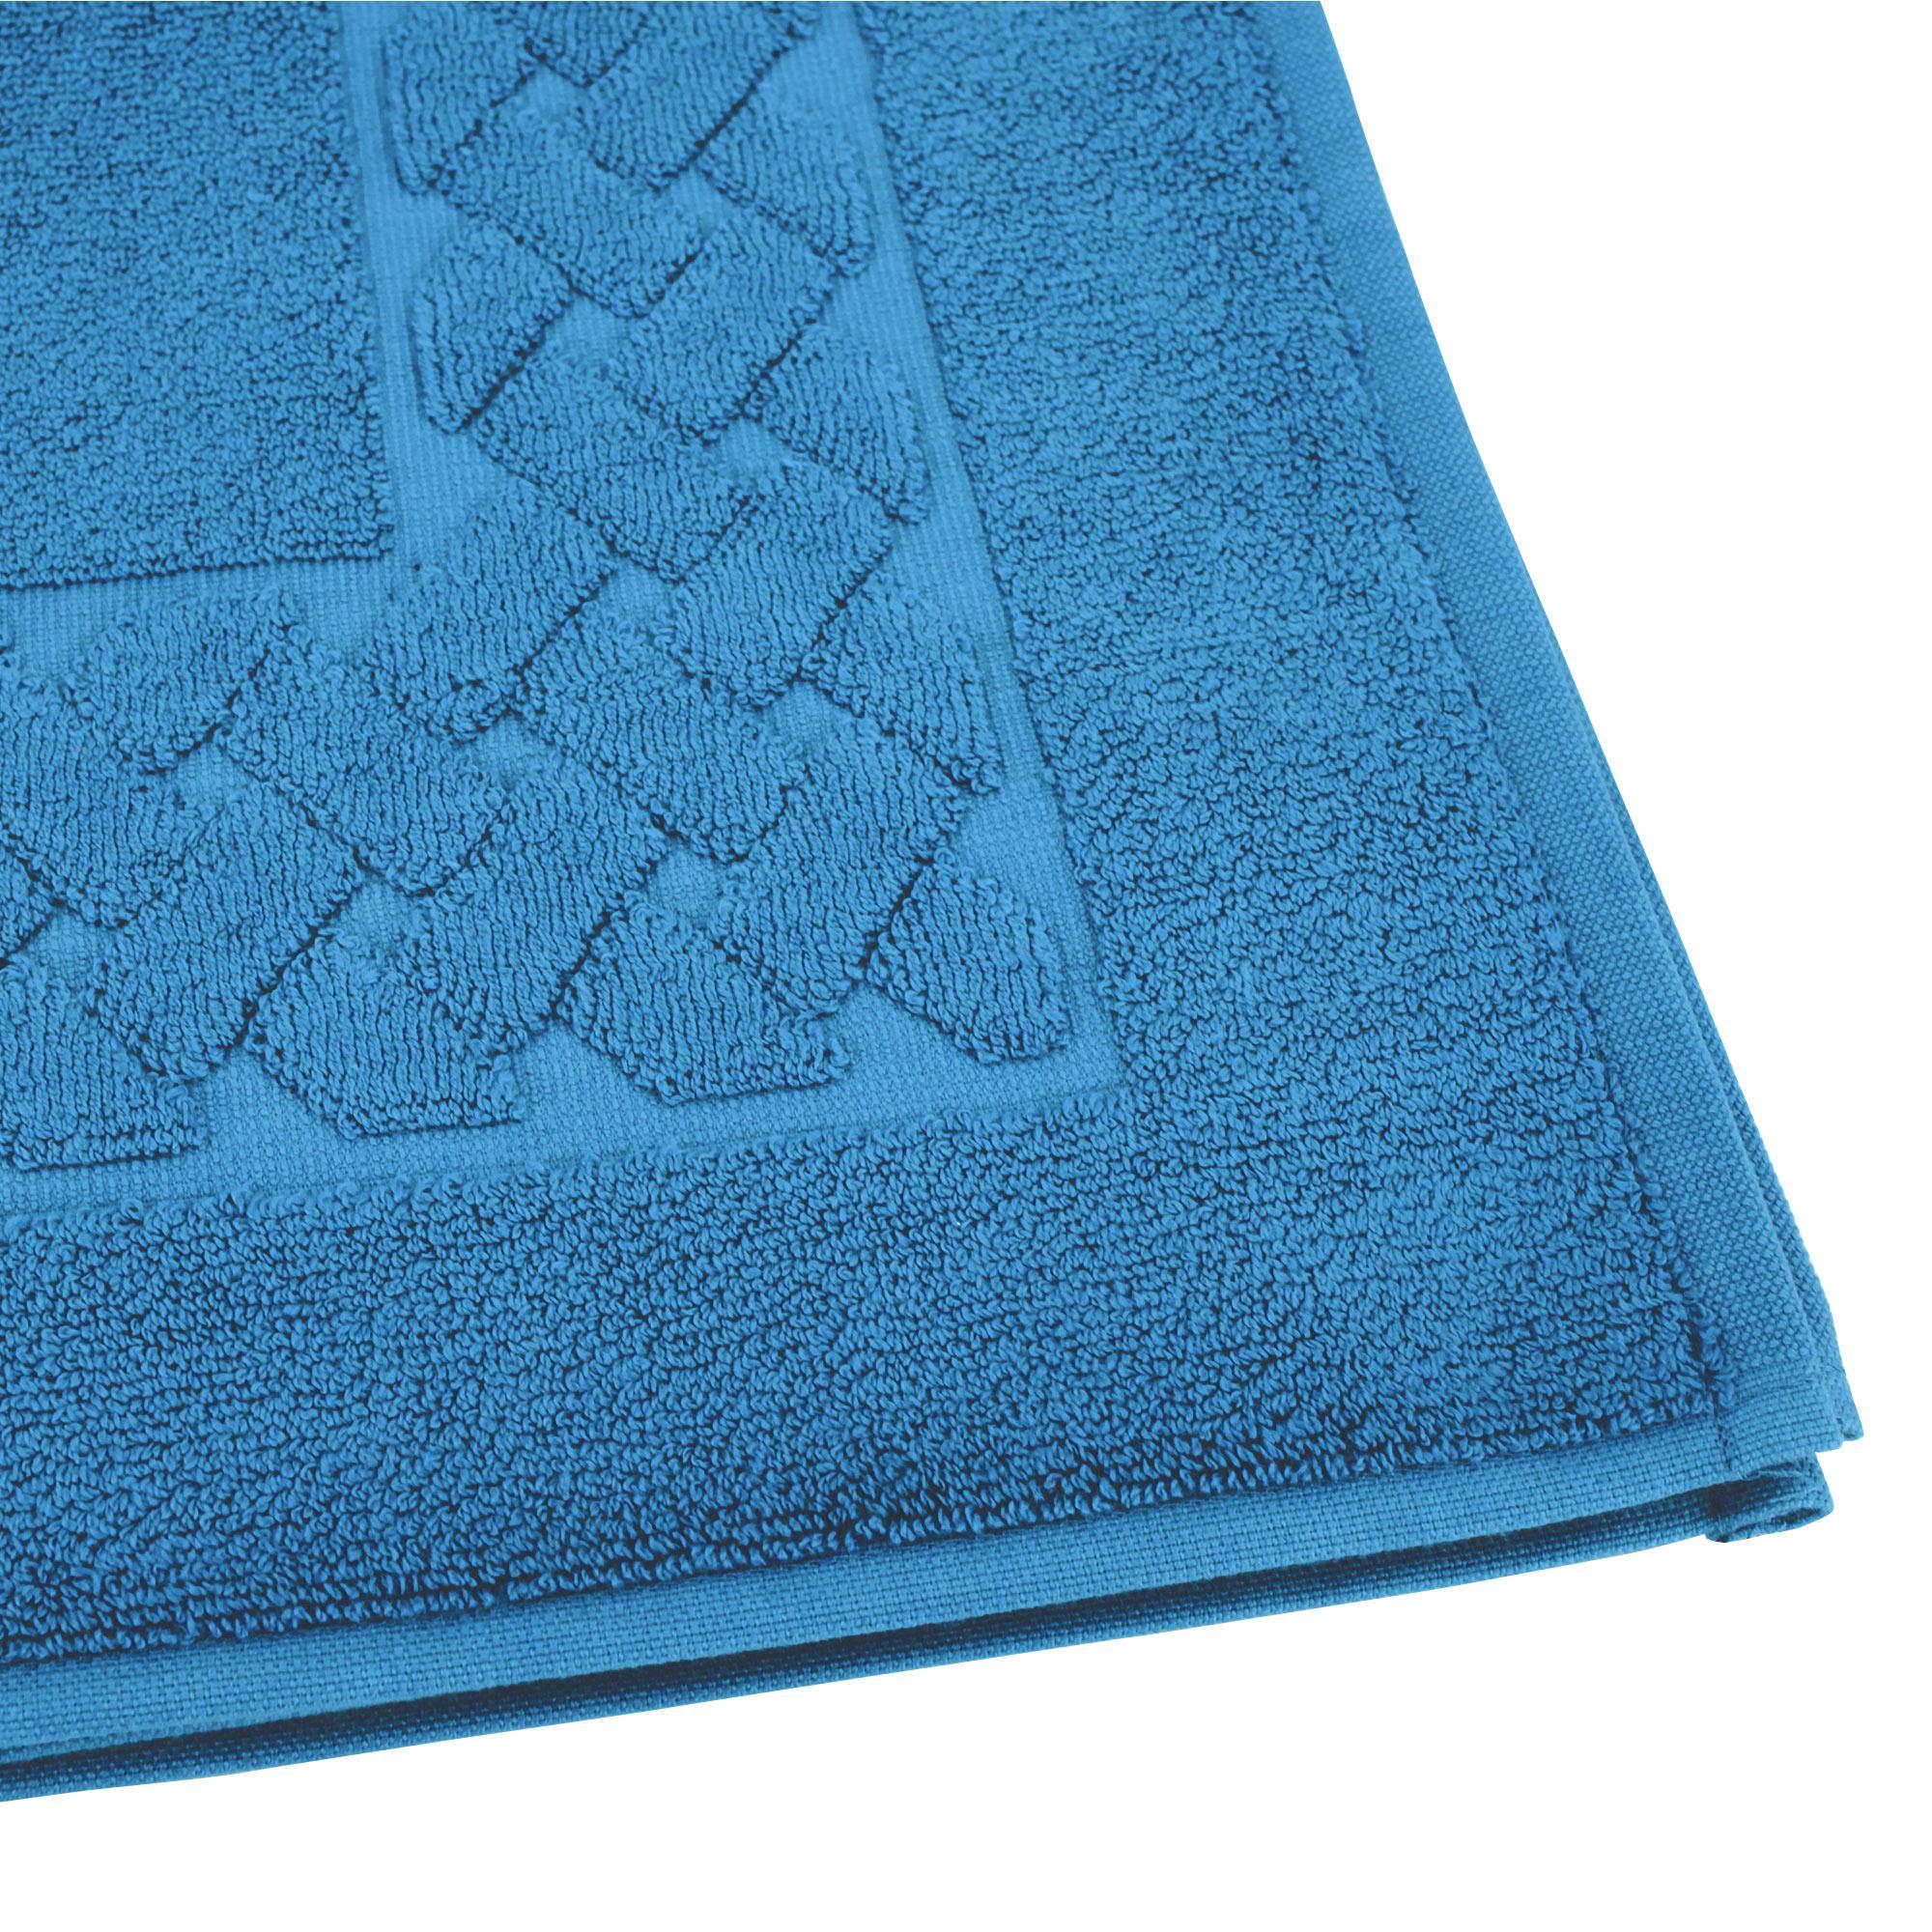 parure de bain 7 pi ces royal cresent bleu c leste 650g m2 ebay. Black Bedroom Furniture Sets. Home Design Ideas